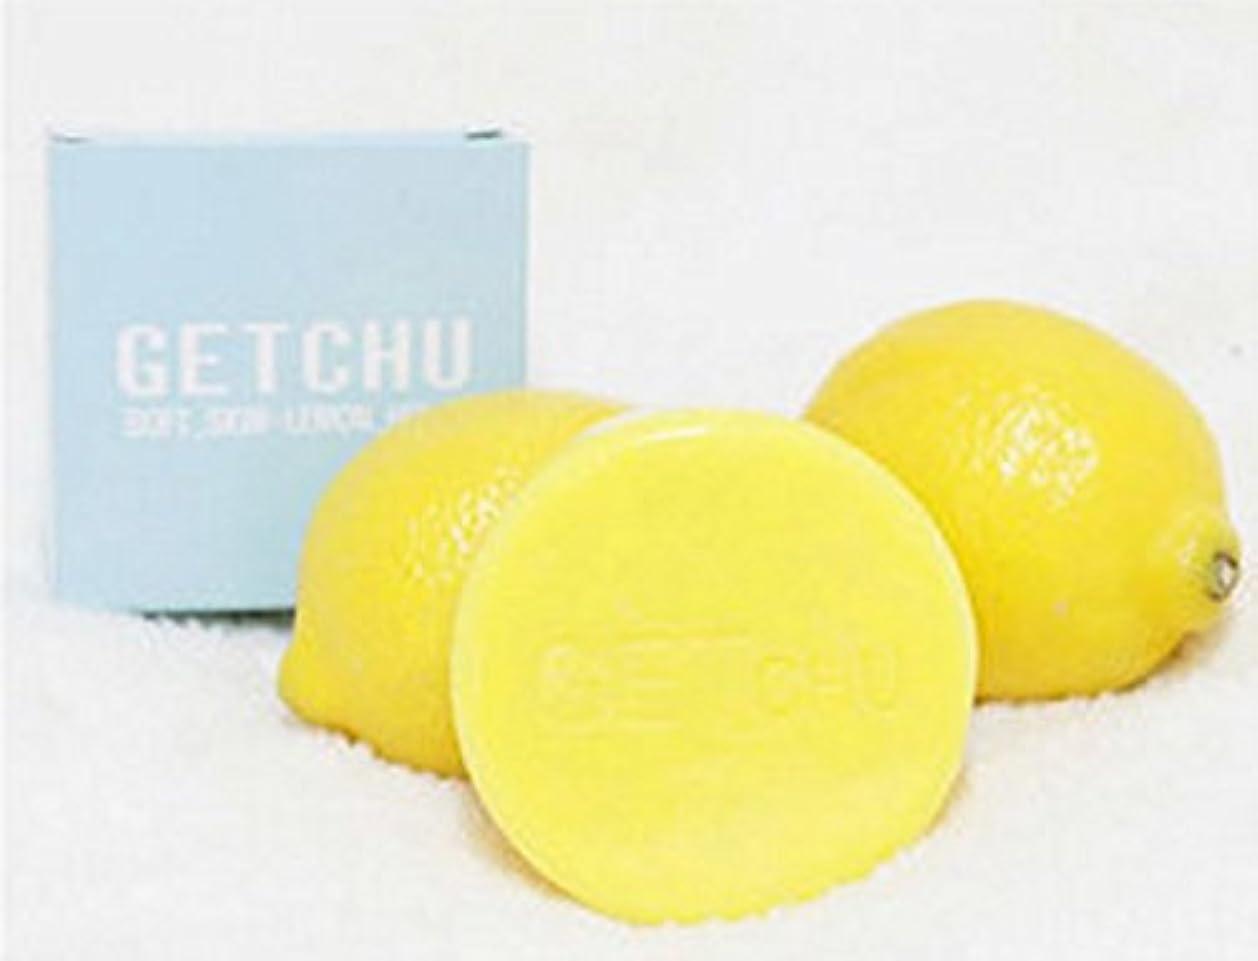 甘い脱臼する痛い[ソフト スキン ] ゲット ズ- (Get Chu) レモンソープ 石鹼 , 美白 泡洗顔料, ユギノン レモンの成分 ホワイトニング効果/ バブル網 贈呈 [海外直送品]